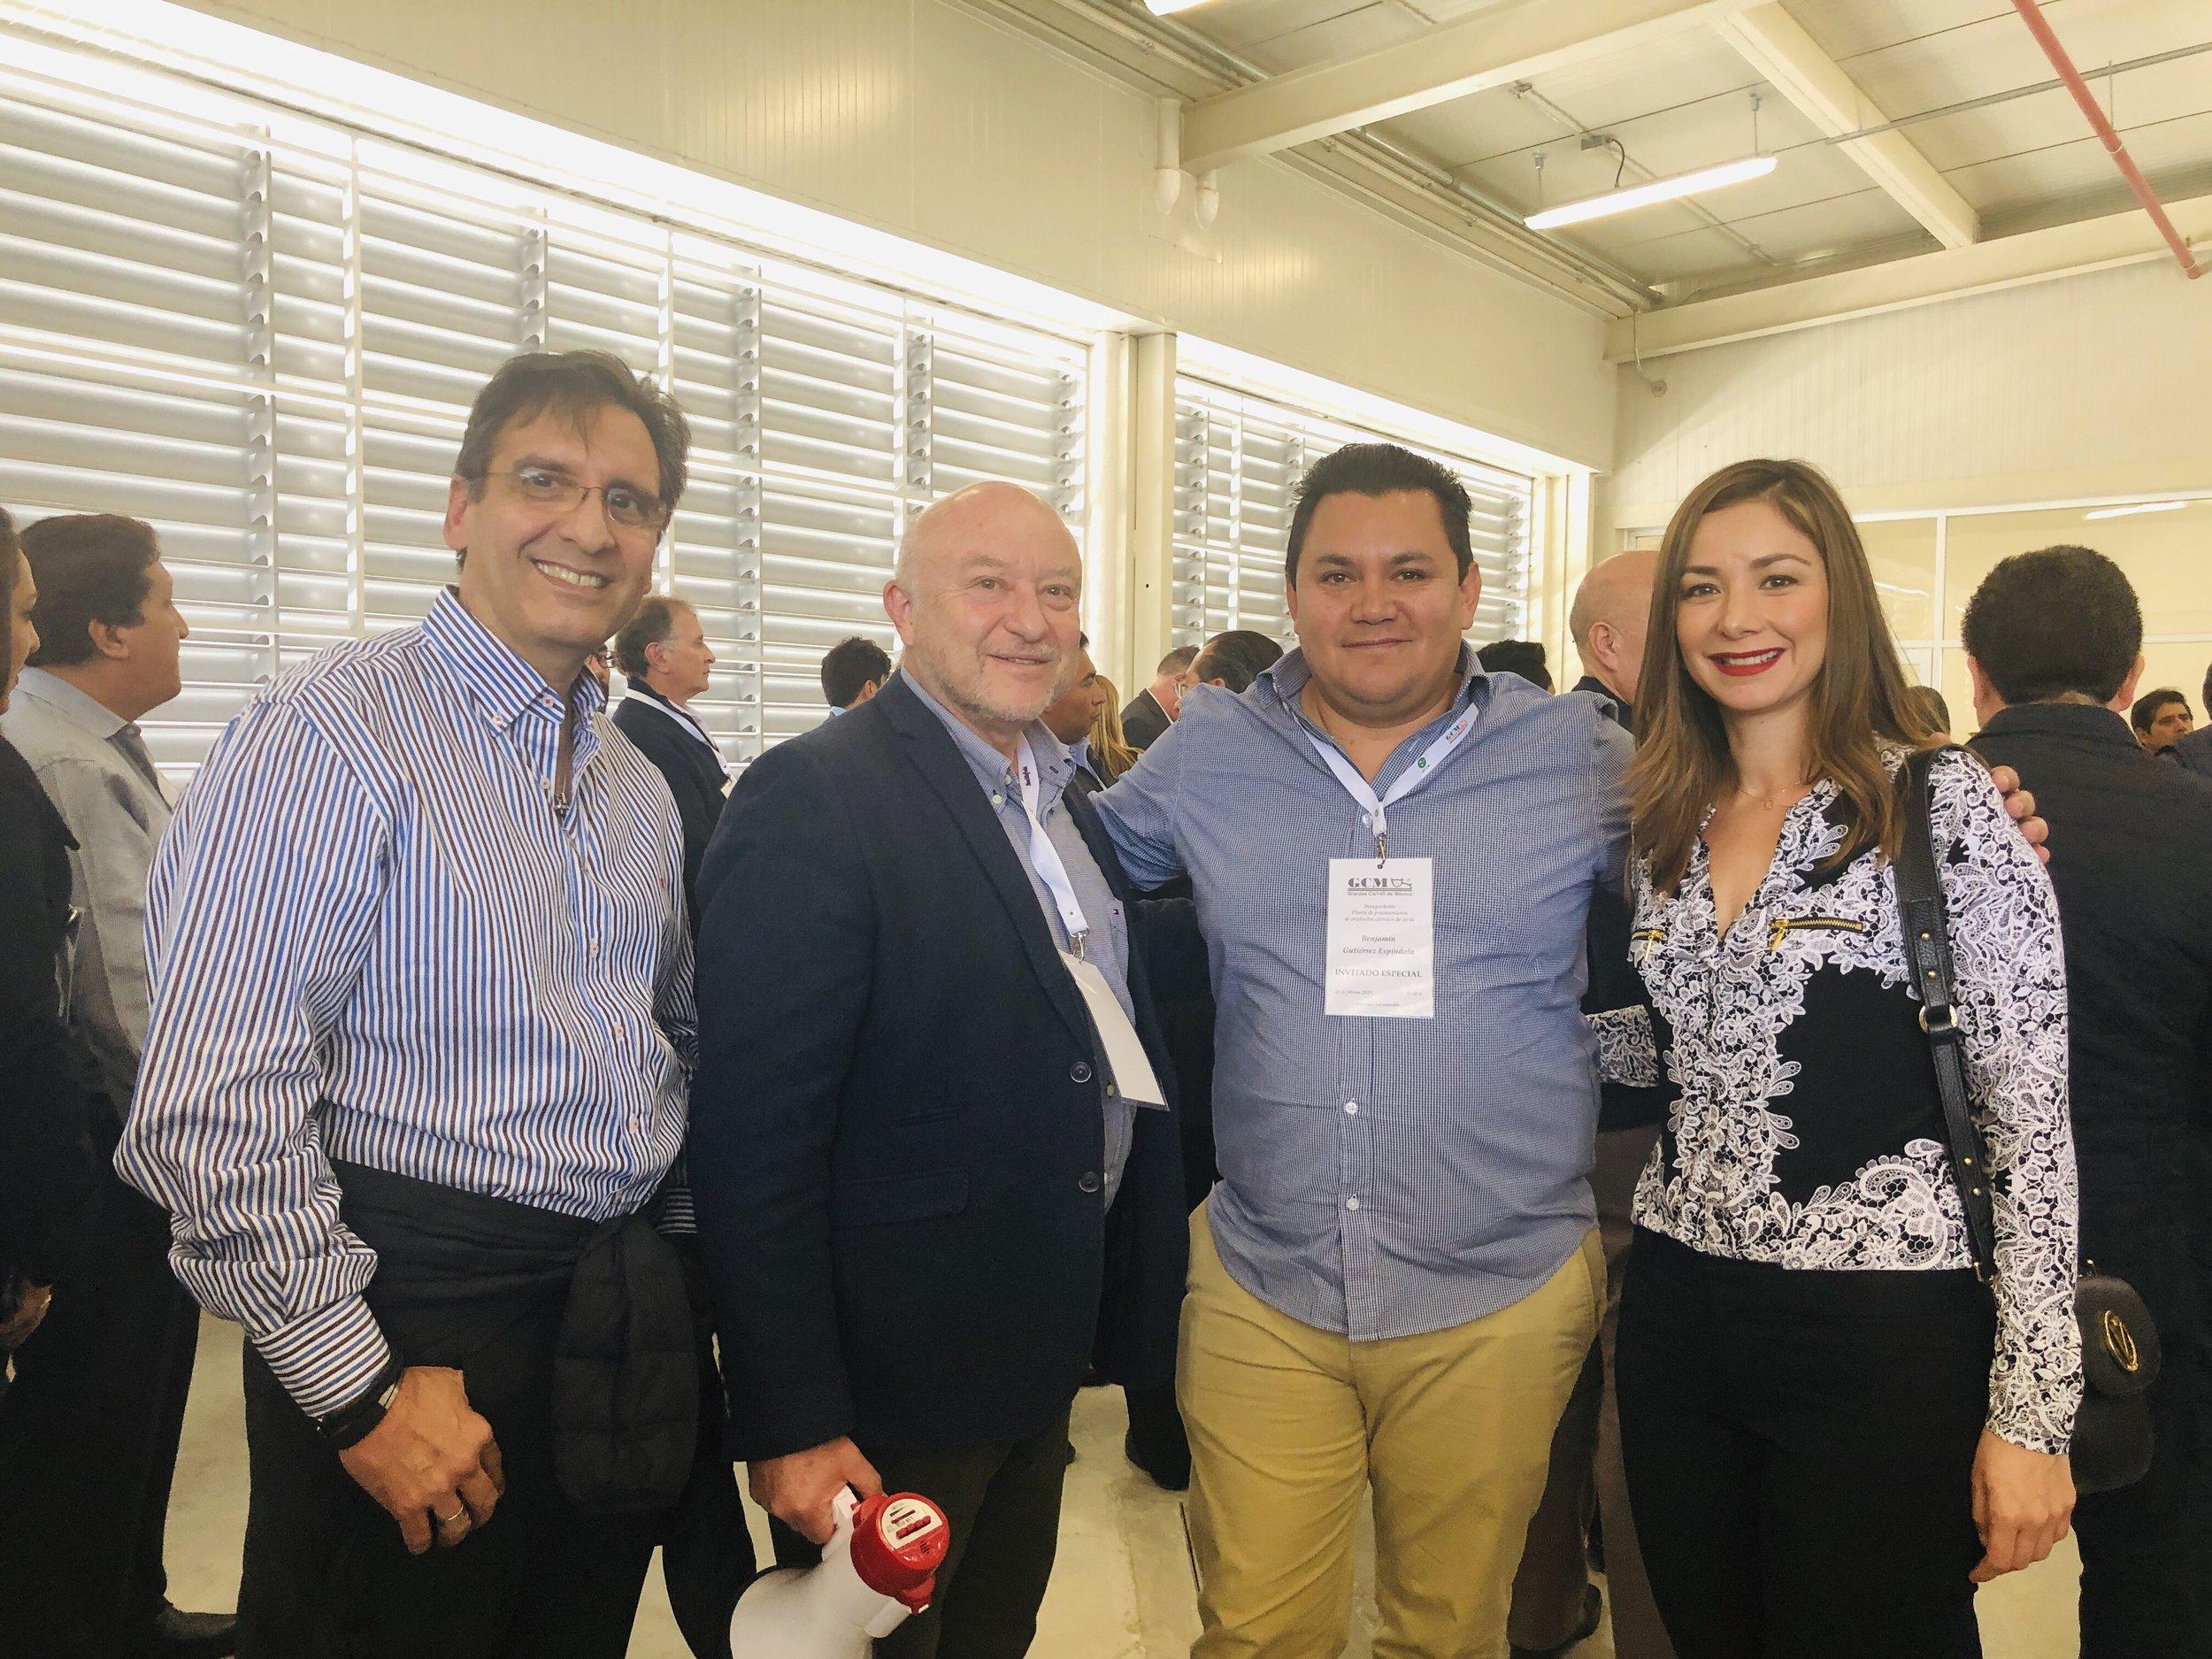 ng. Antonio Bojorquez. C.P. Carlos Patrón. Ing. Benjamin Gutierrez. Ing. Alejandra Aceves